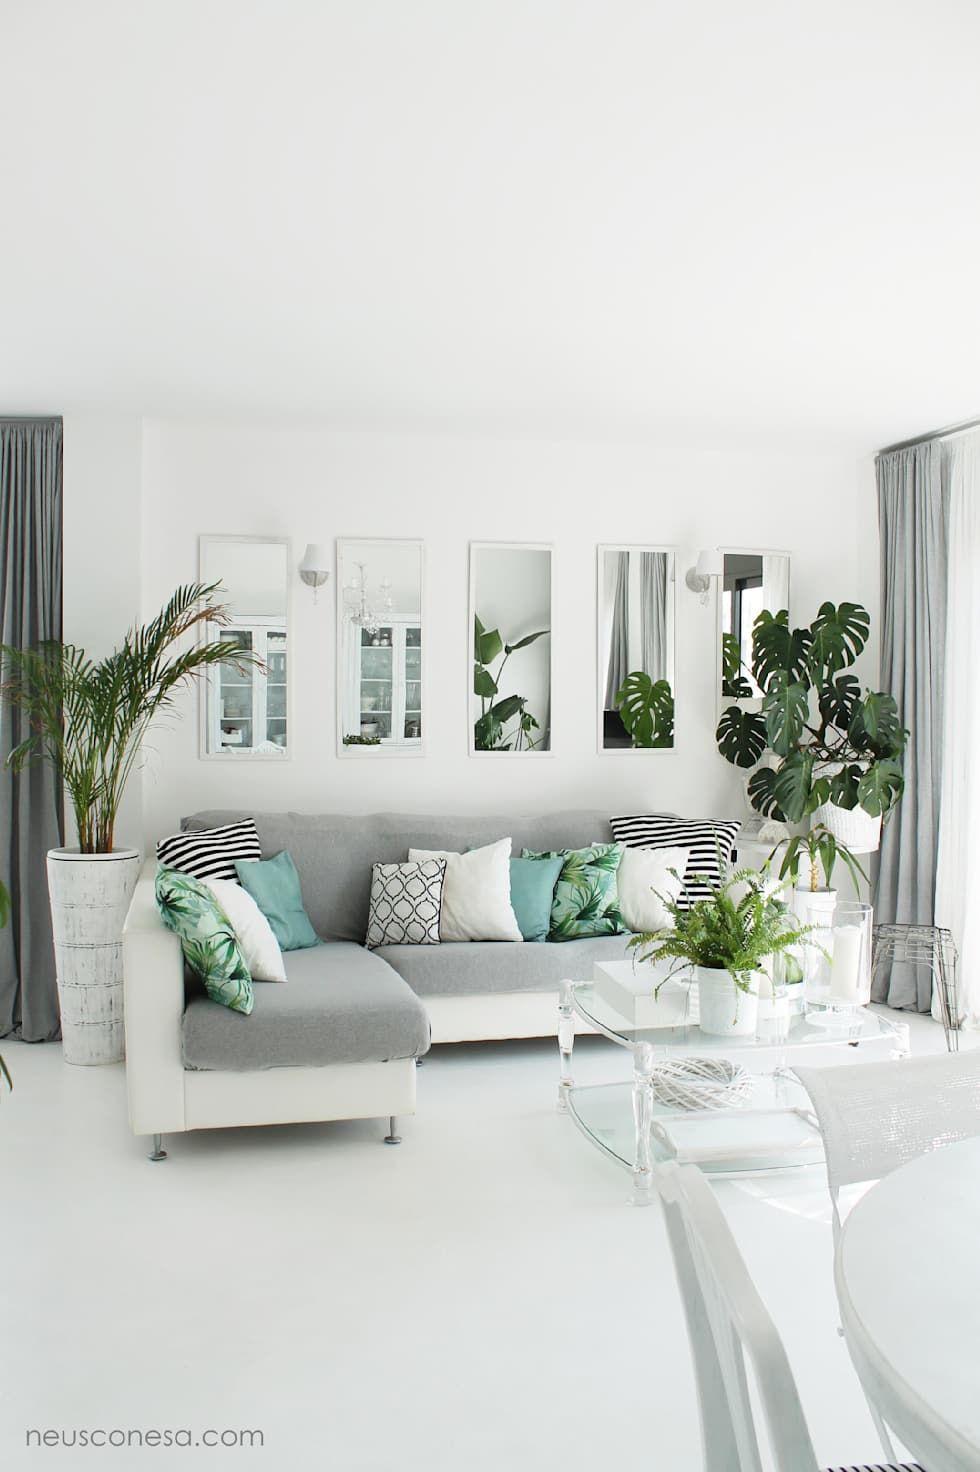 Fotos de decoraci n y dise o de interiores sal n for Decoracion interiores dormitorios